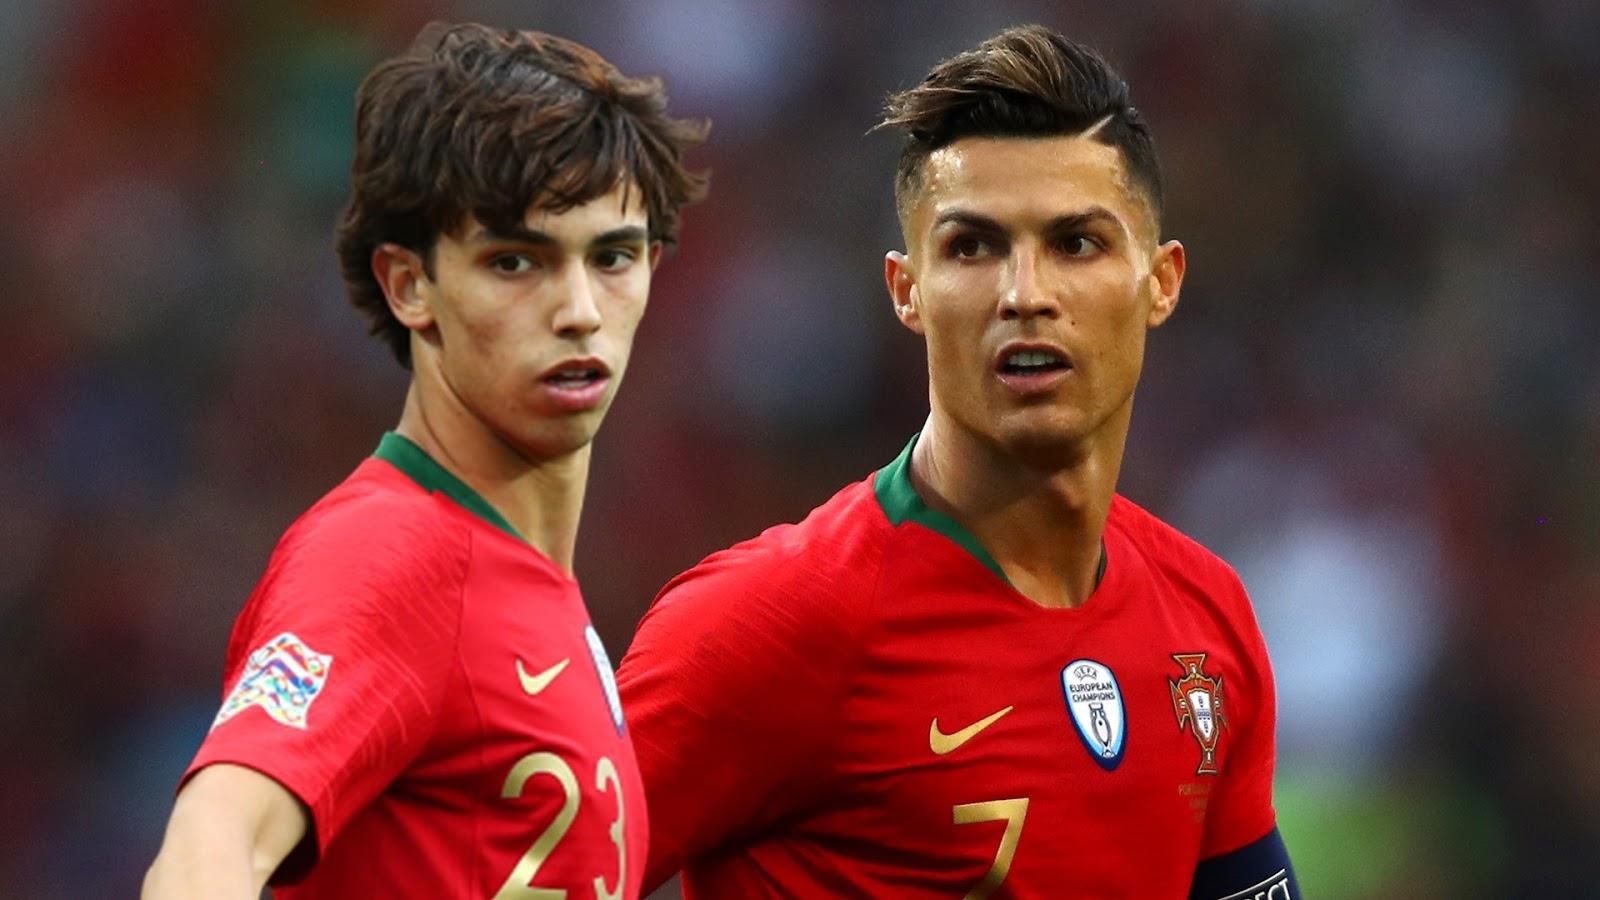 نتيجة مباراة ليتوانيا والبرتغال بتاريخ 10-09-2019 التصفيات المؤهلة ليورو 2020